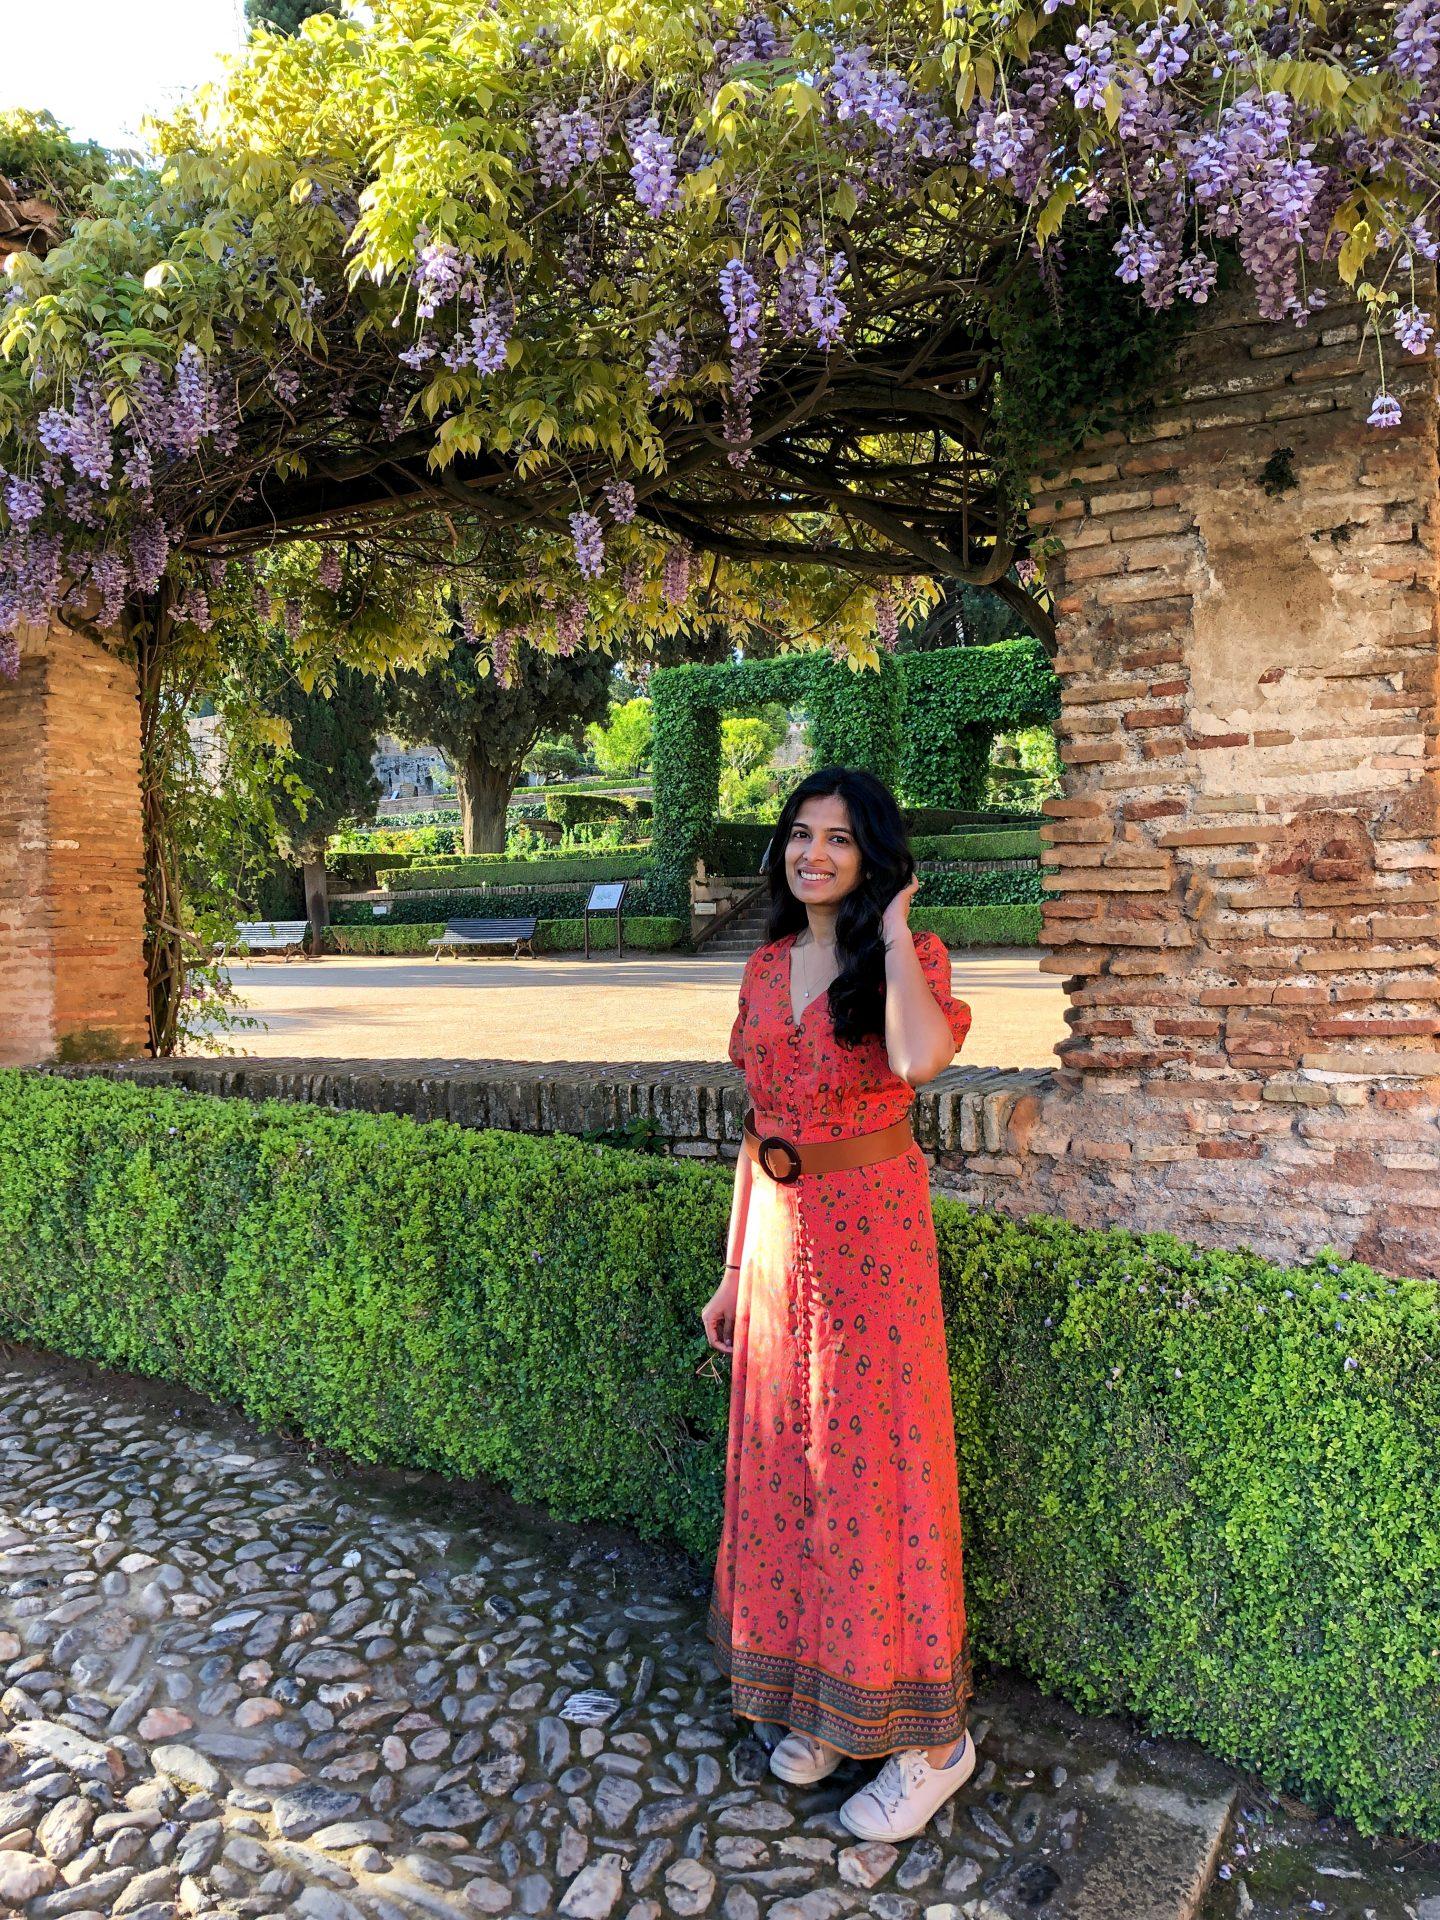 Her_Travel_Edit_at_Alhambra_Garden